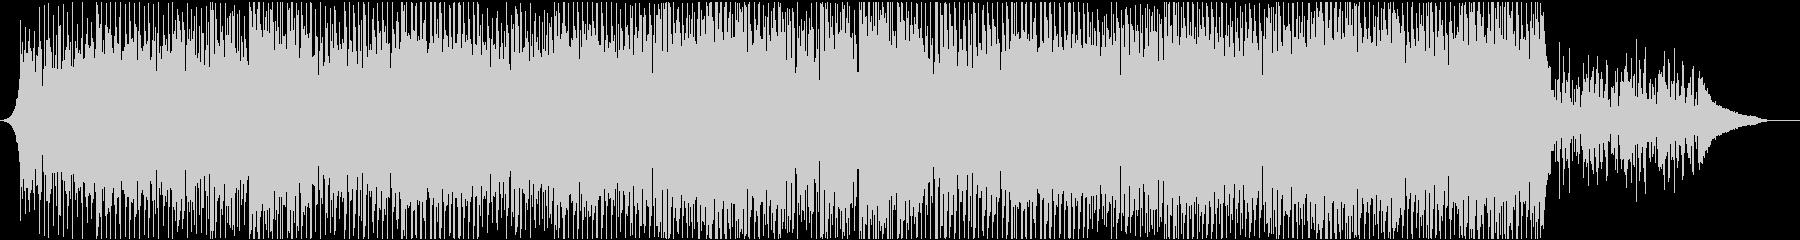 ピアノでリズミカルの未再生の波形